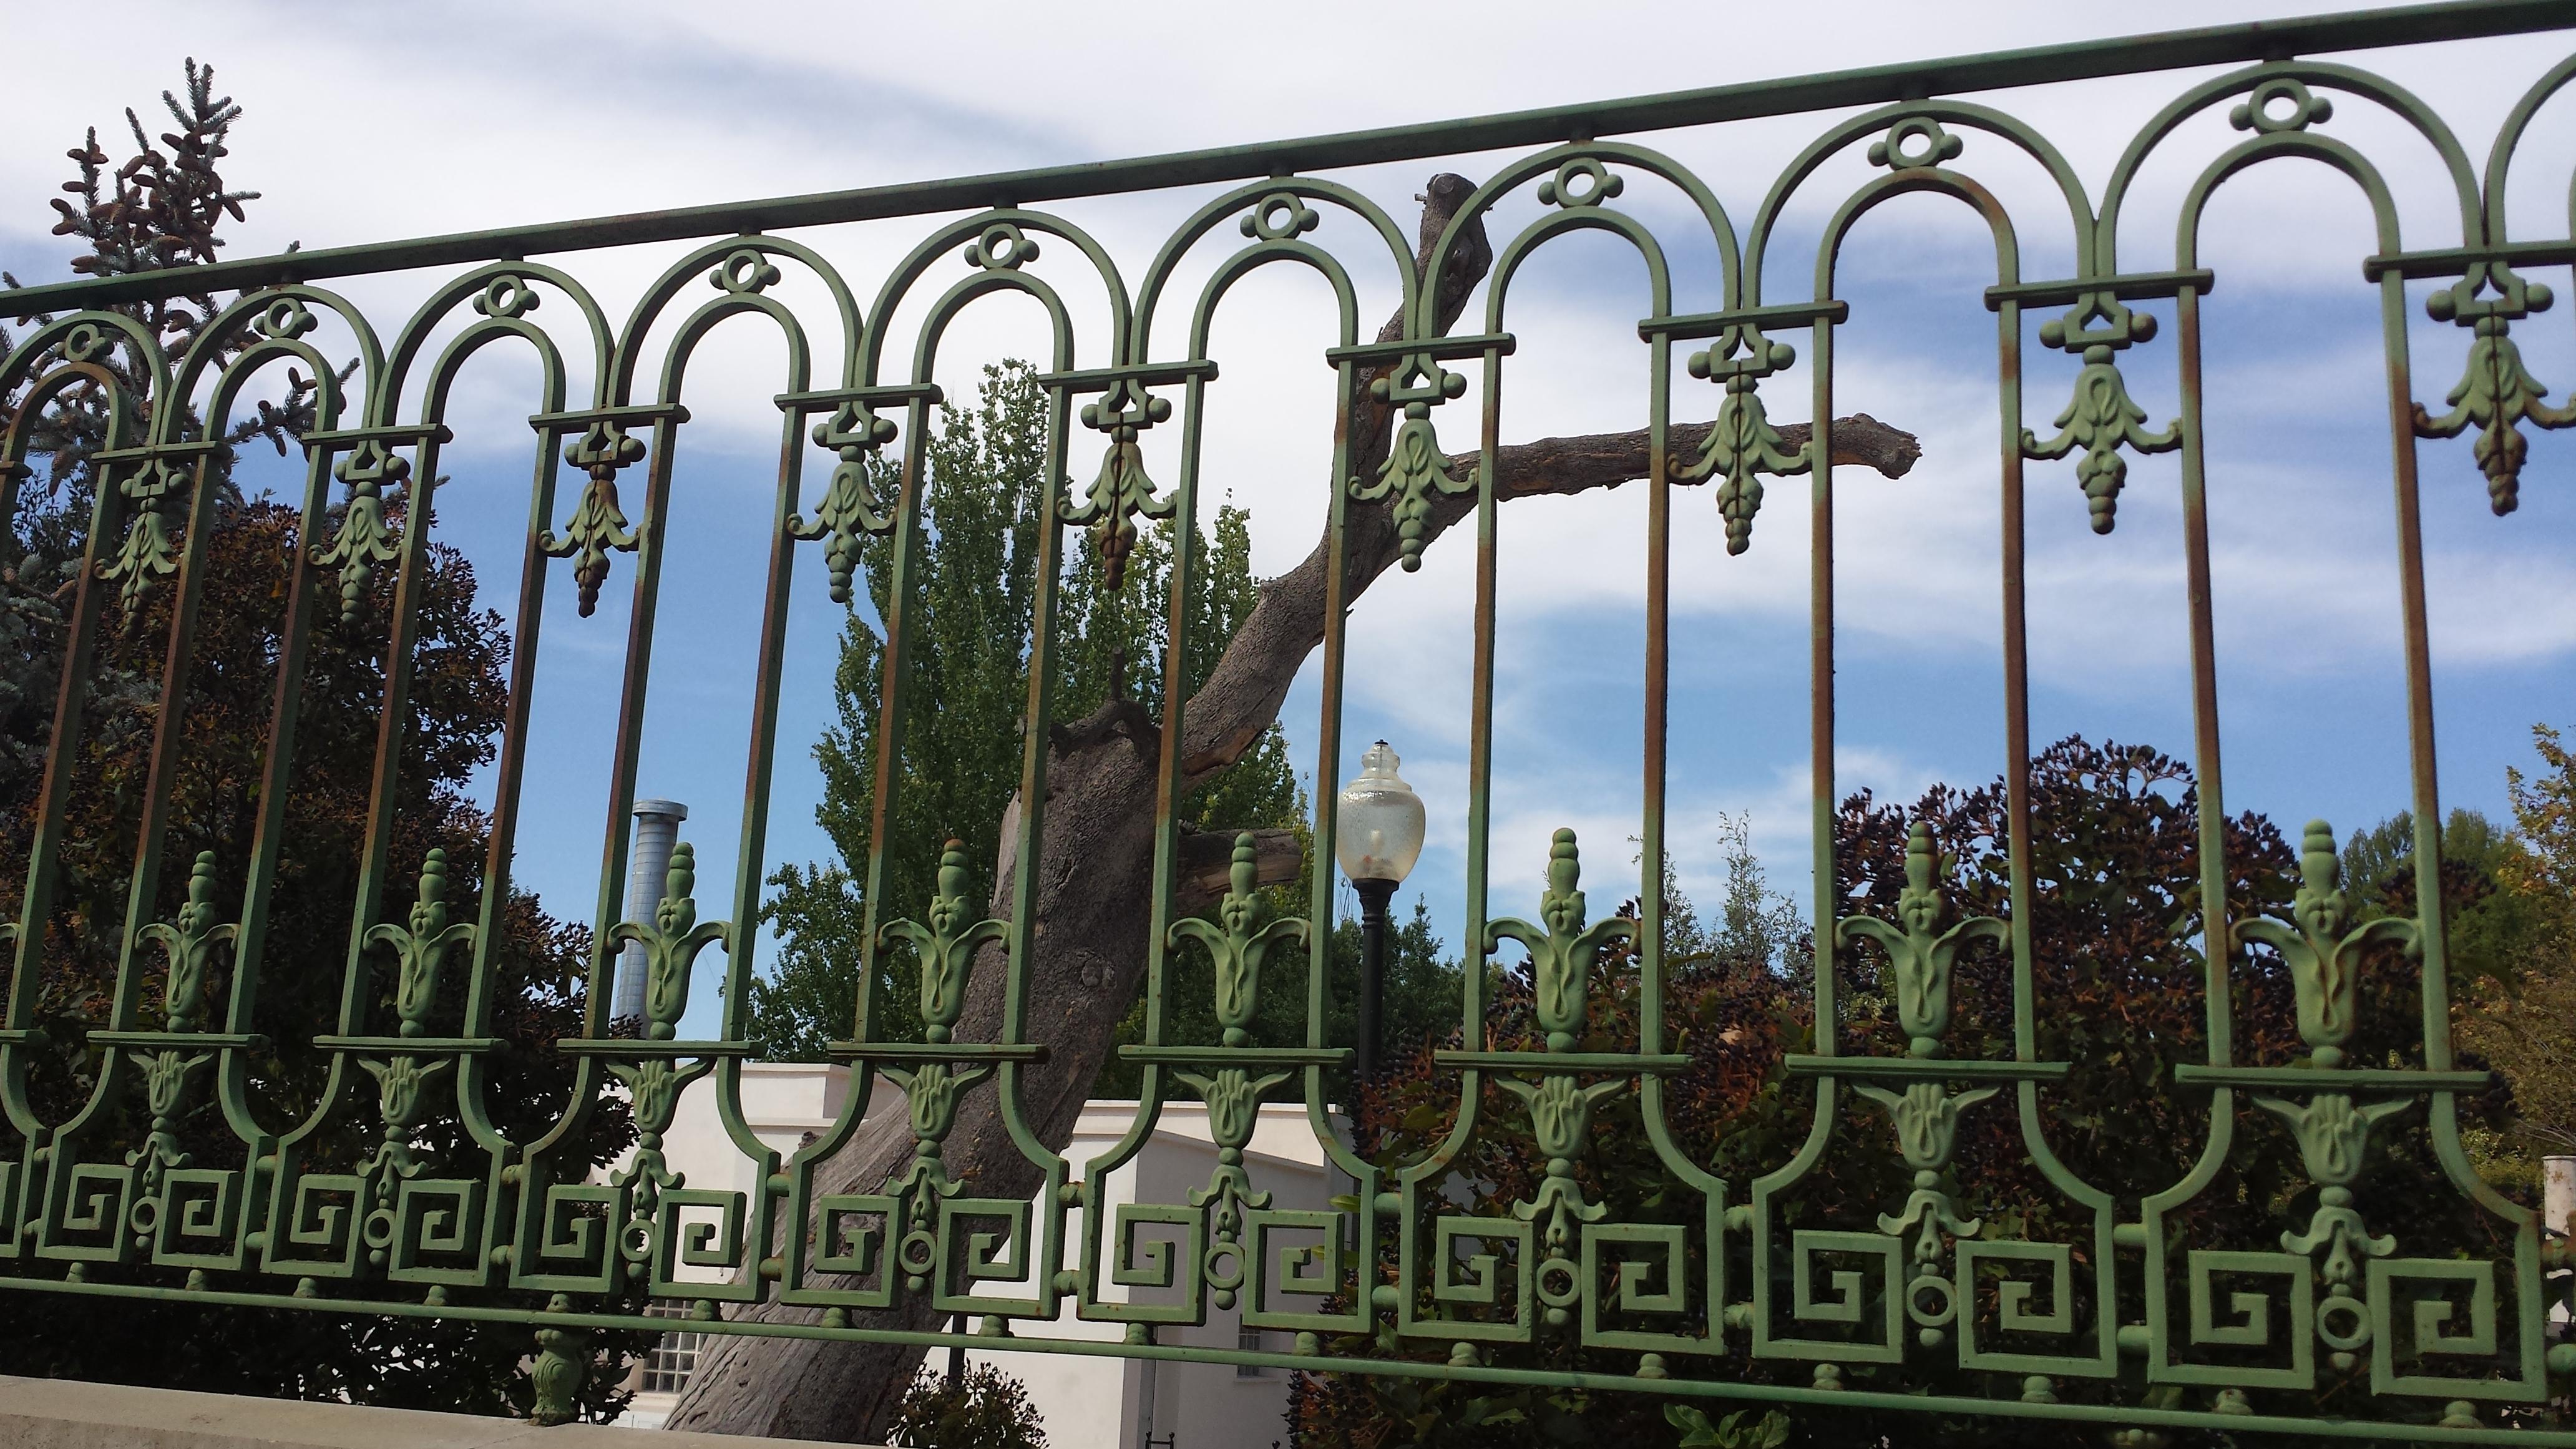 Verja art stica de hierro - Vallas de hierro ...